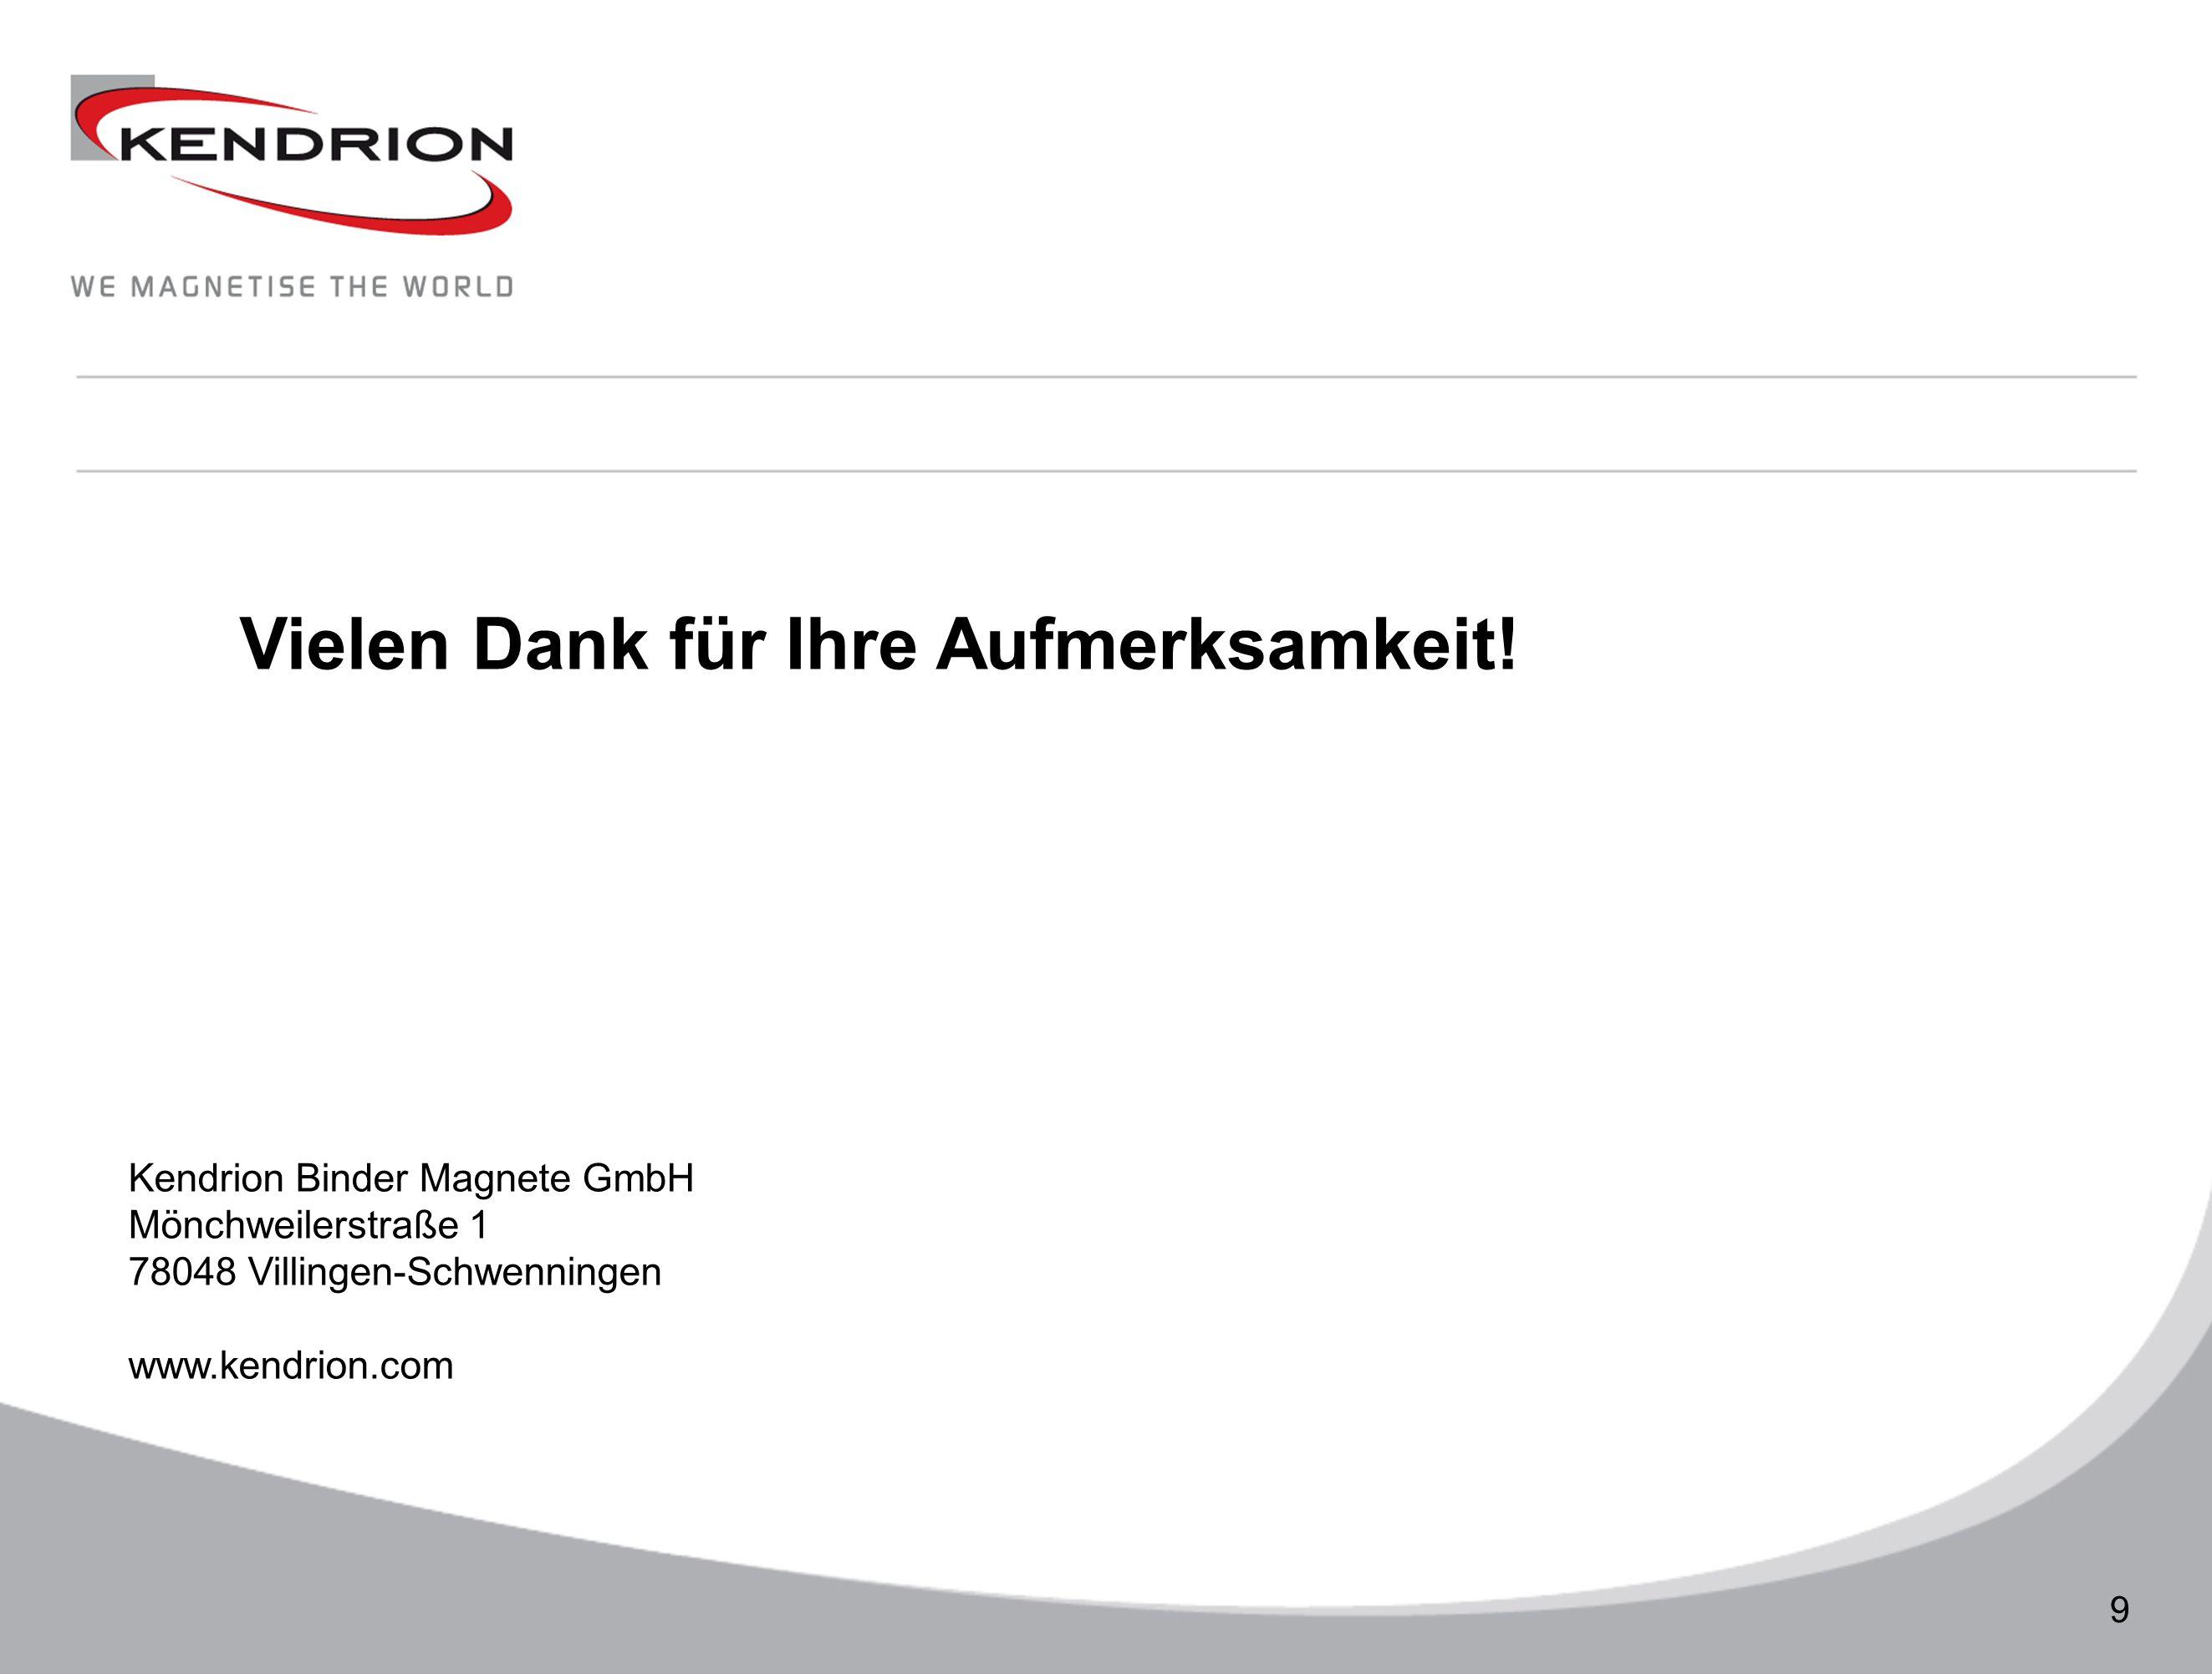 Technische Daten 9 Vielen Dank für Ihre Aufmerksamkeit! Kendrion Binder Magnete GmbH Mönchweilerstraße 1 78048 Villingen-Schwenningen www.kendrion.com